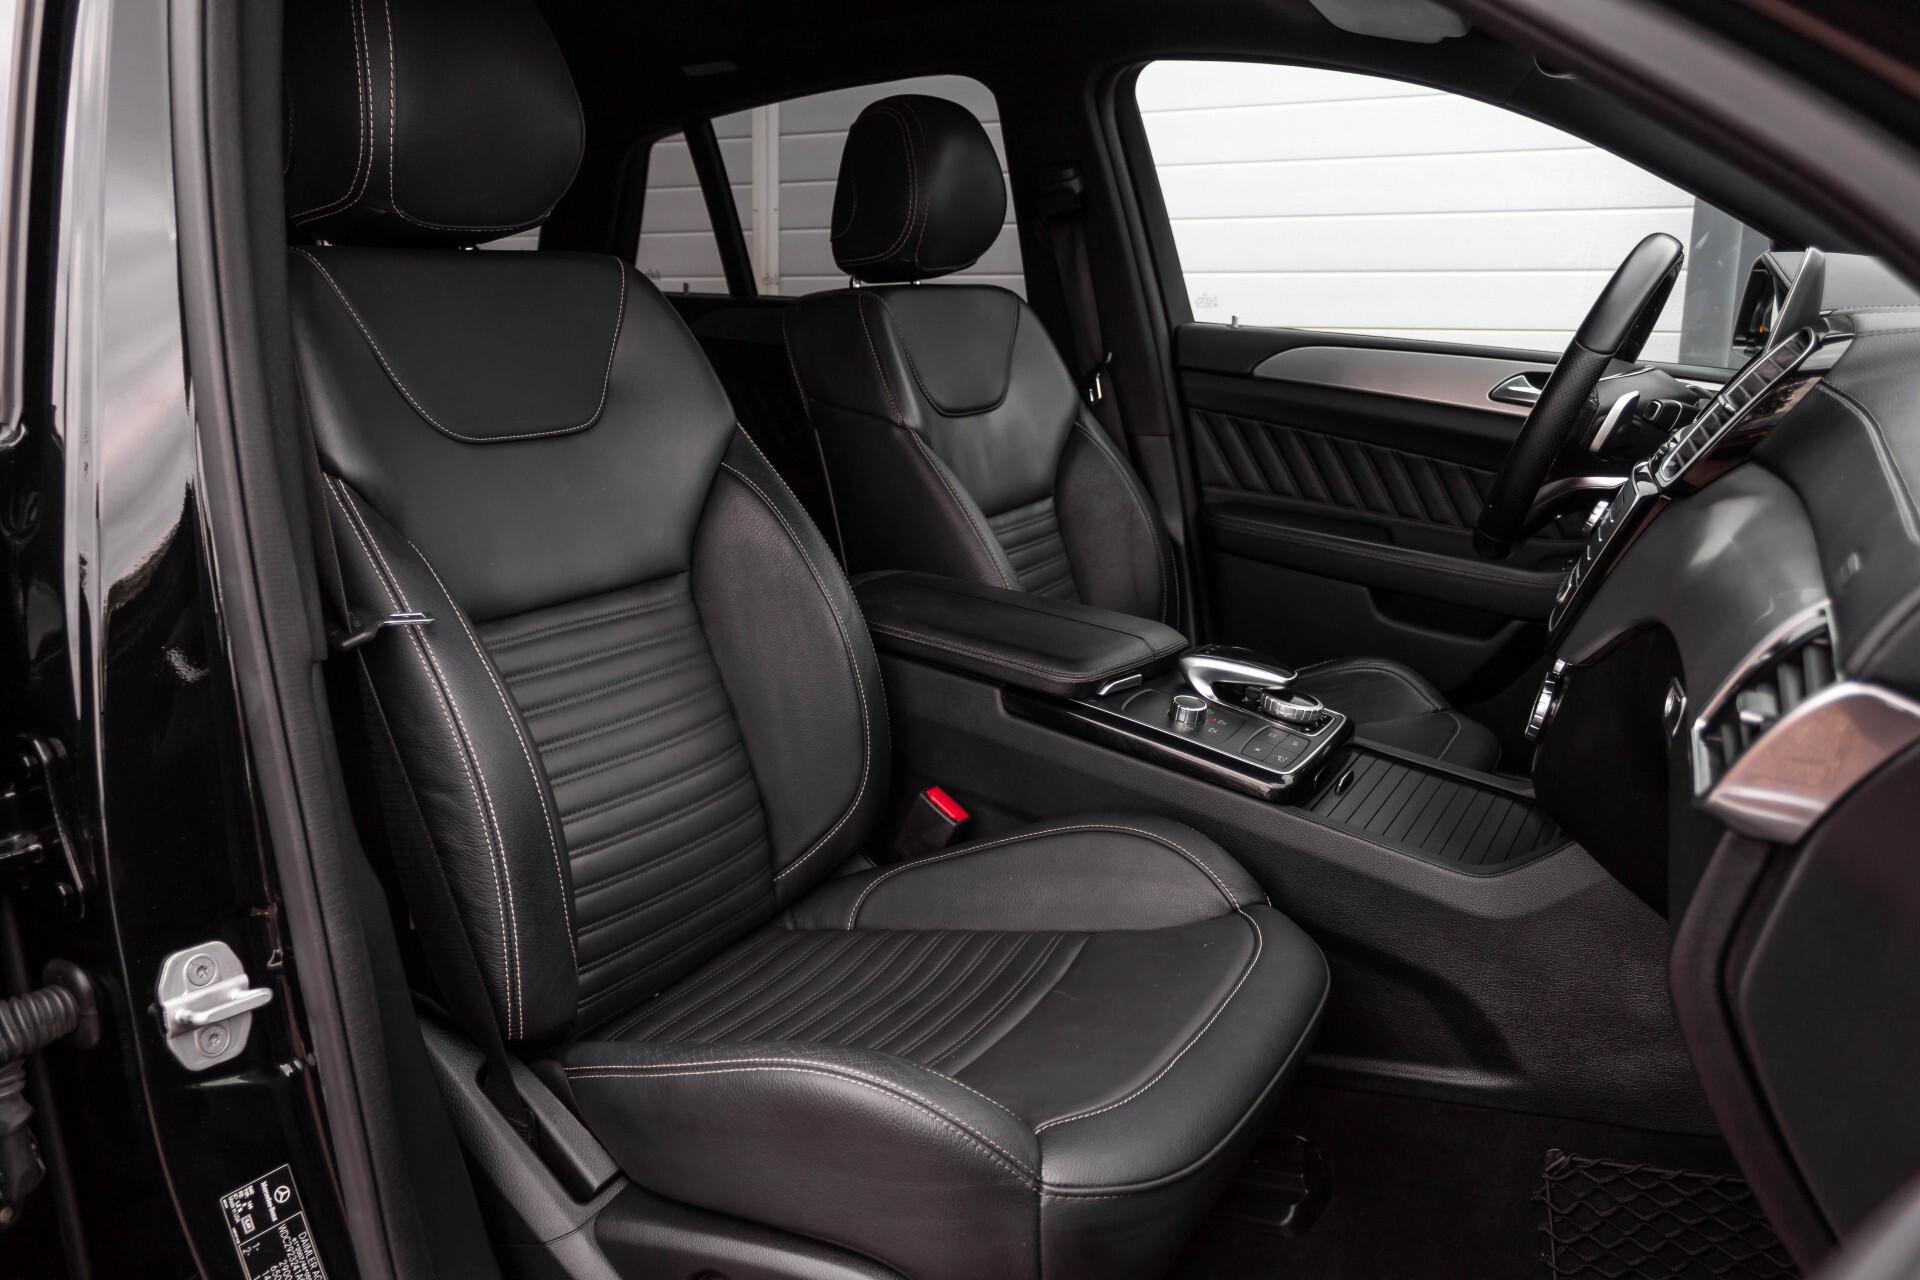 Mercedes-Benz GLE-Klasse Coupé 350 d 4-M AMG Luchtvering/Distronic/Panorama/Mem/Trekhaak Aut9 Foto 3